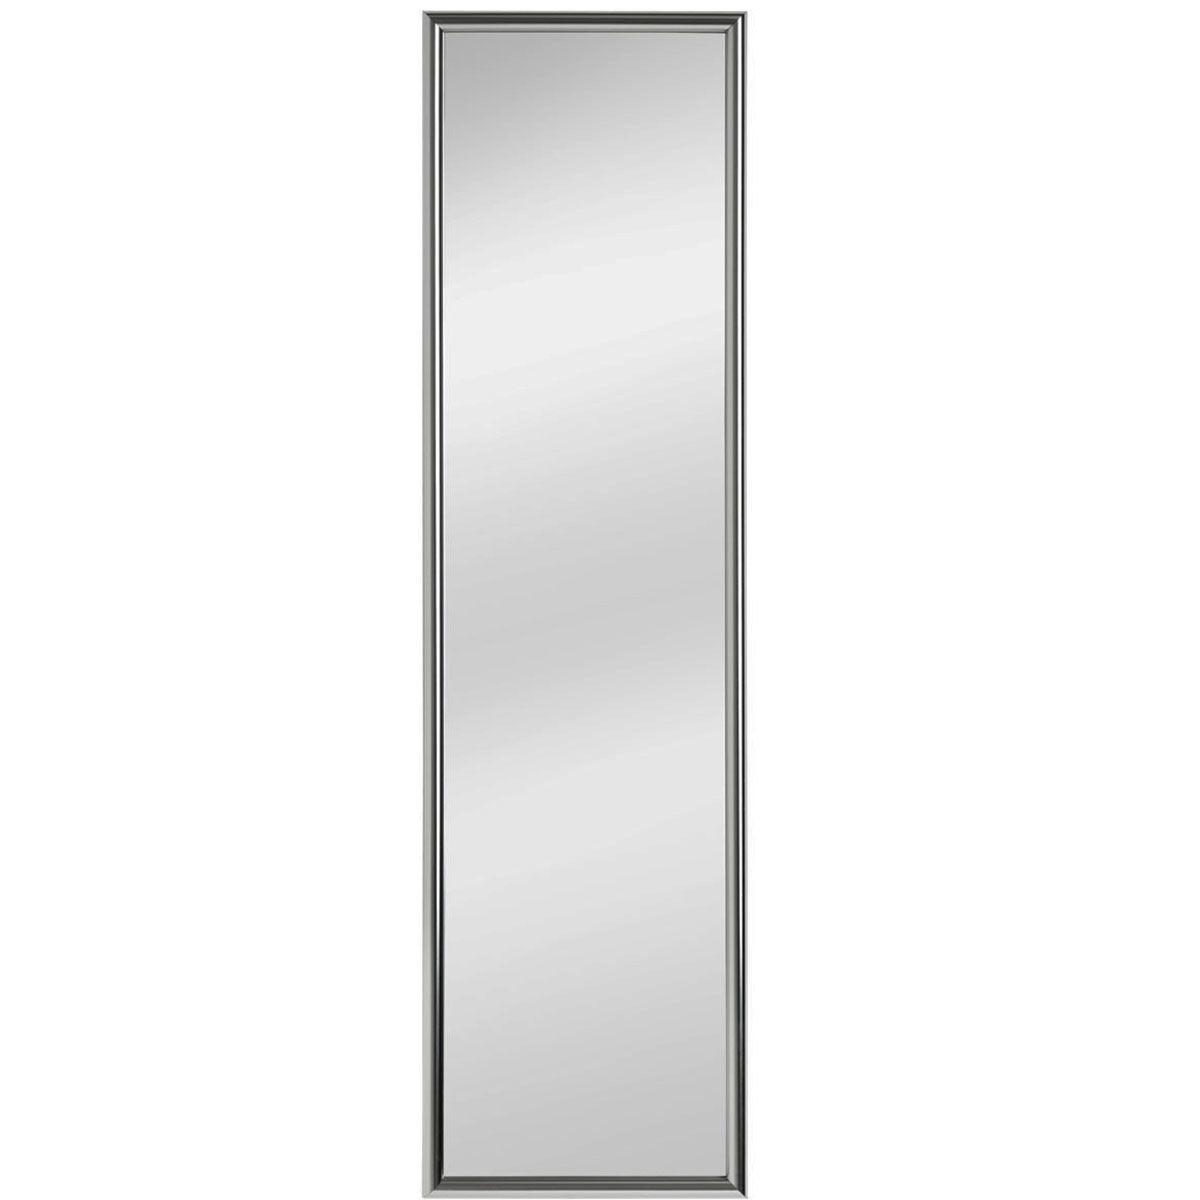 Premier Housewares Plastic Frame Over Door Mirror - Silver